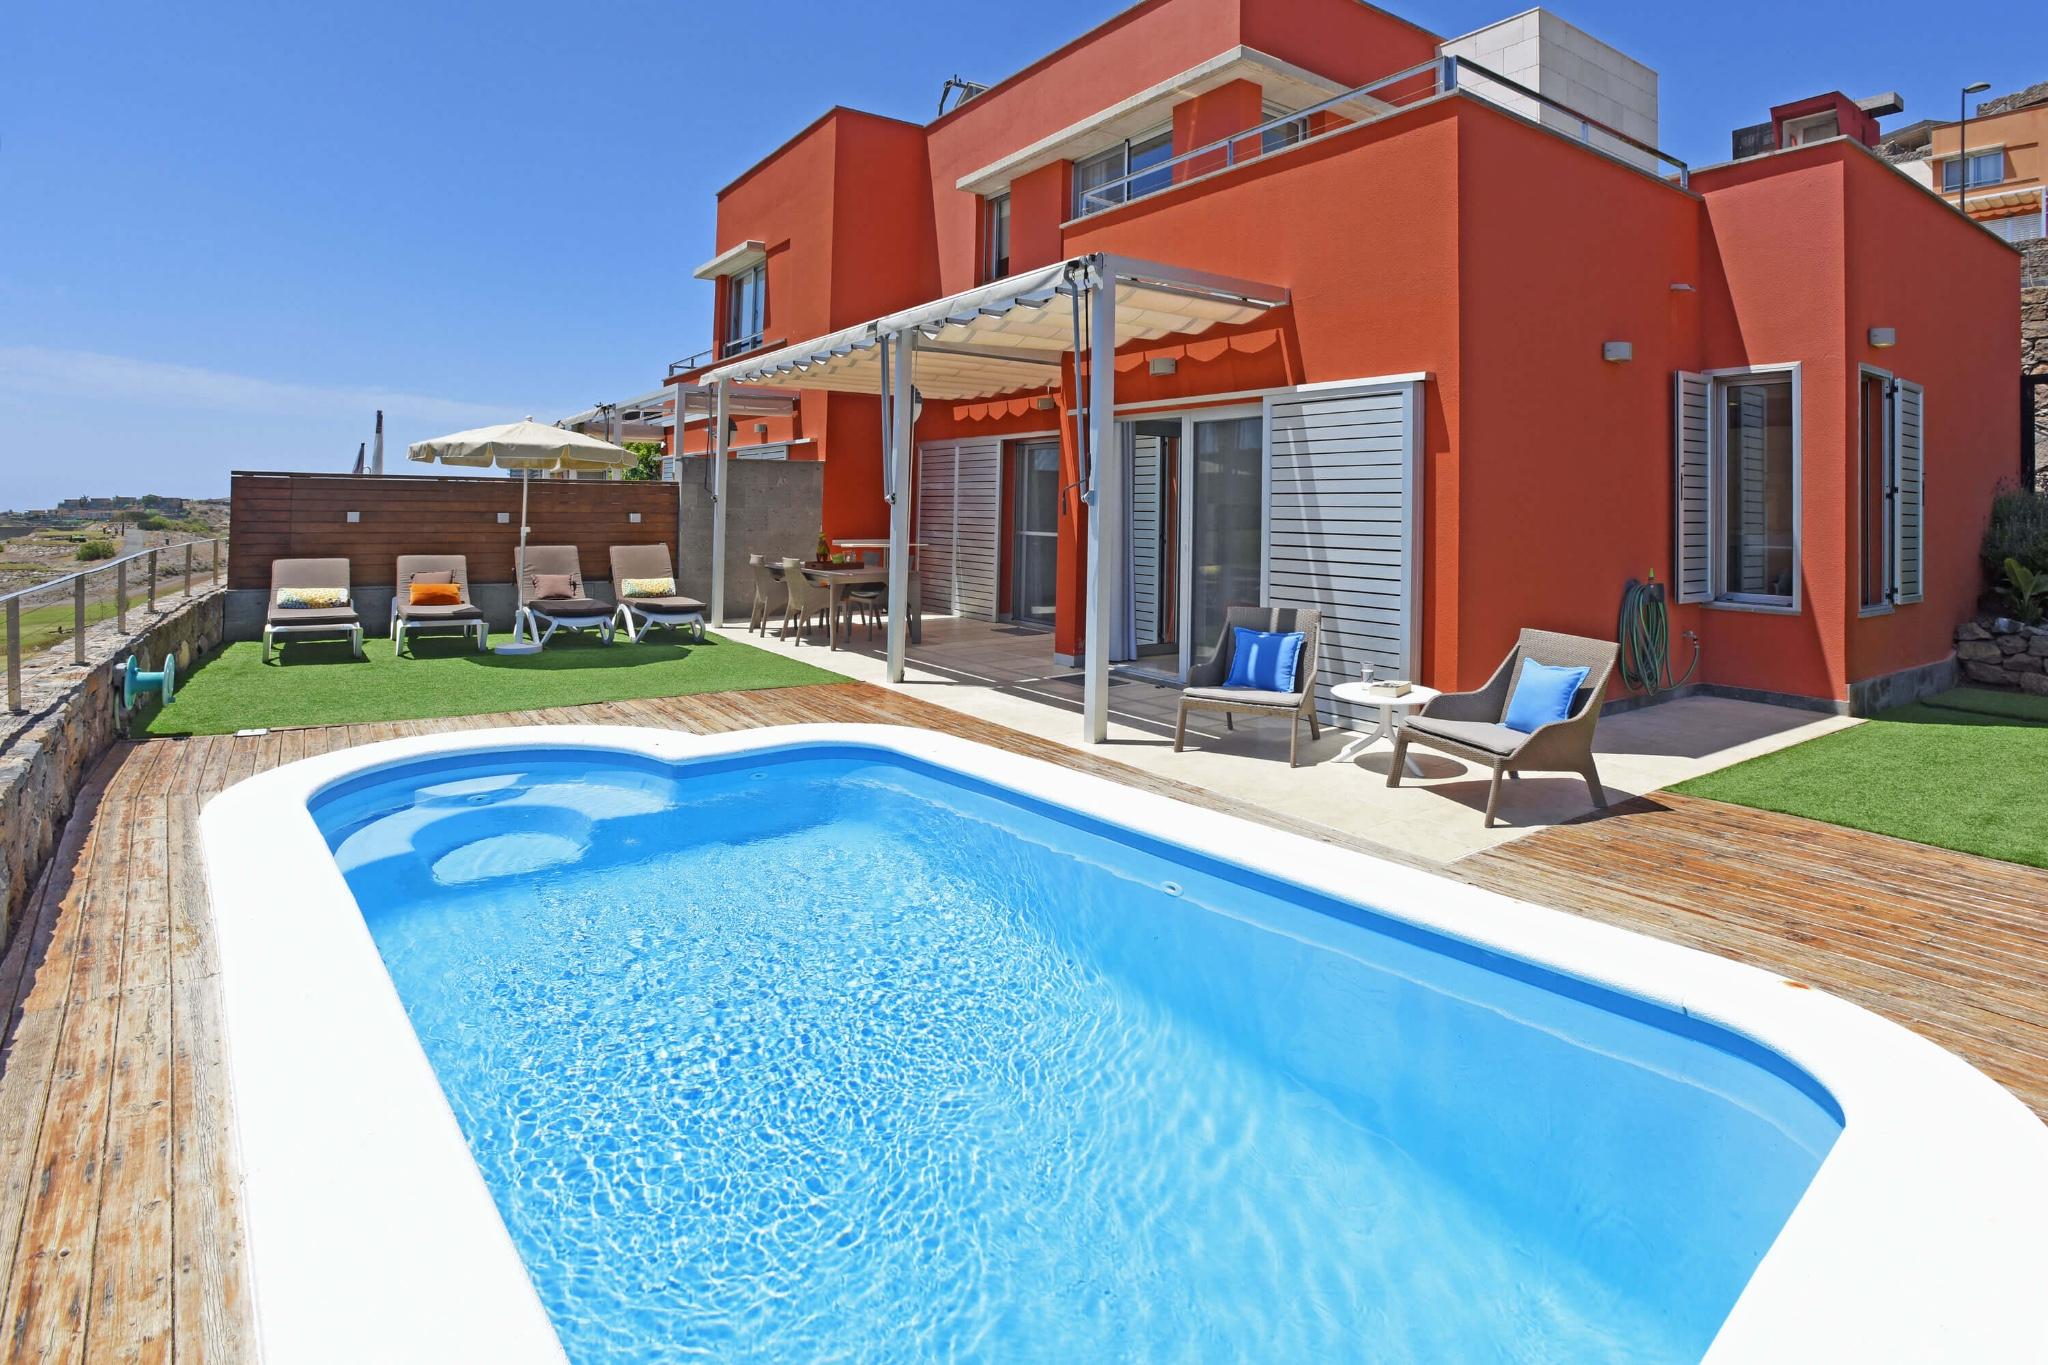 Bright interiør stilfuld villa med opvarmet privat pool og fantastisk udsigt over golfbanen og bjergene